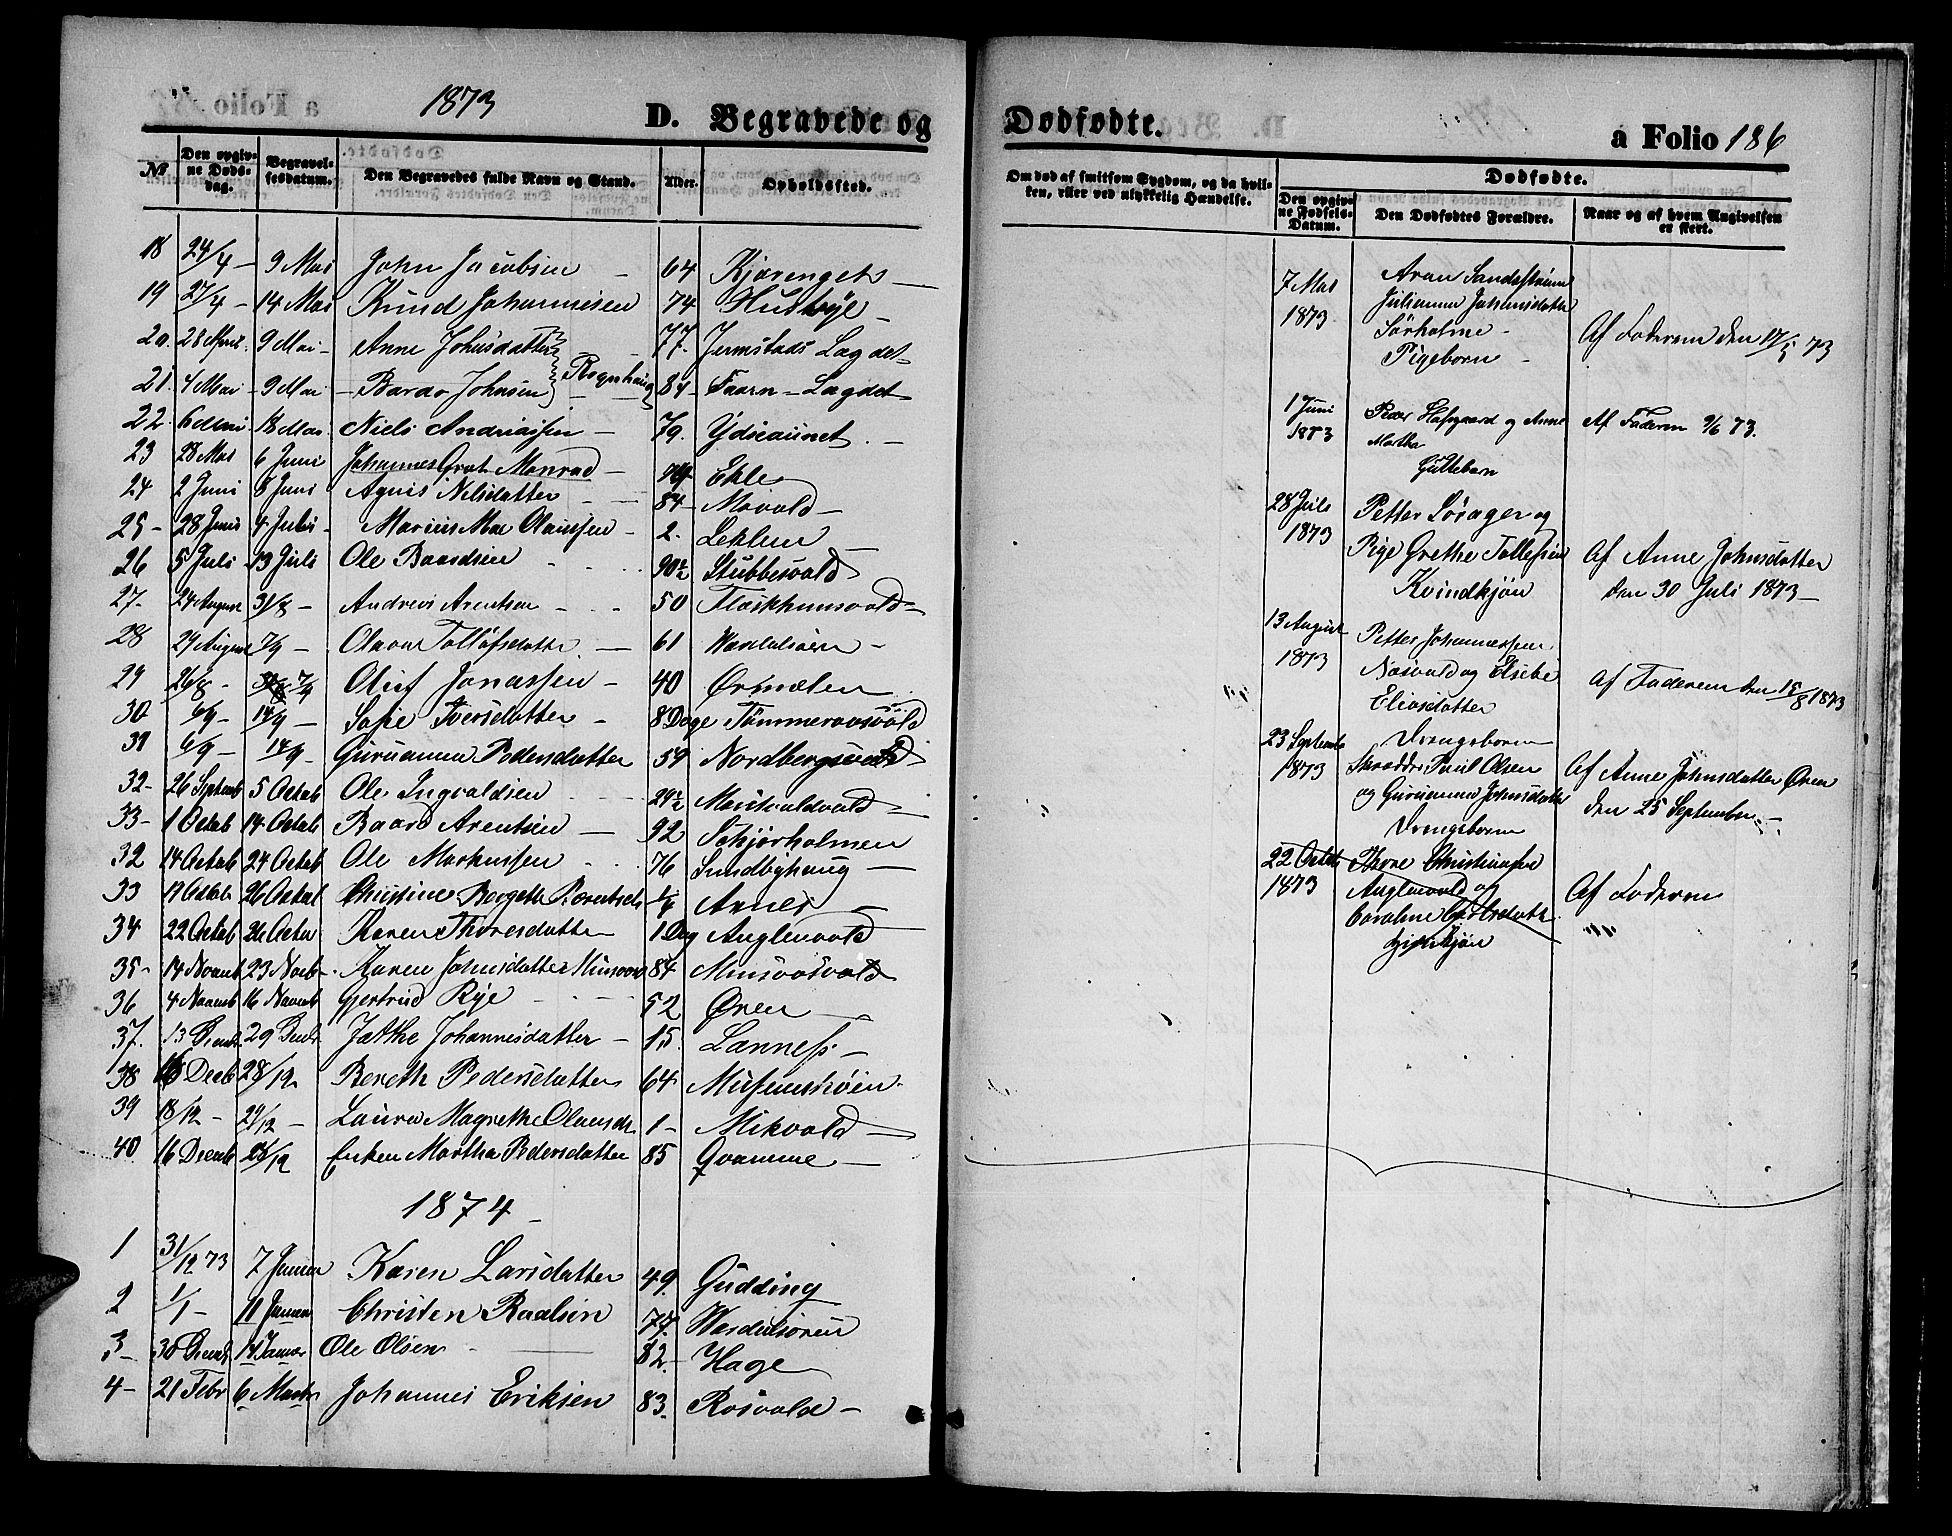 SAT, Ministerialprotokoller, klokkerbøker og fødselsregistre - Nord-Trøndelag, 723/L0255: Klokkerbok nr. 723C03, 1869-1879, s. 186